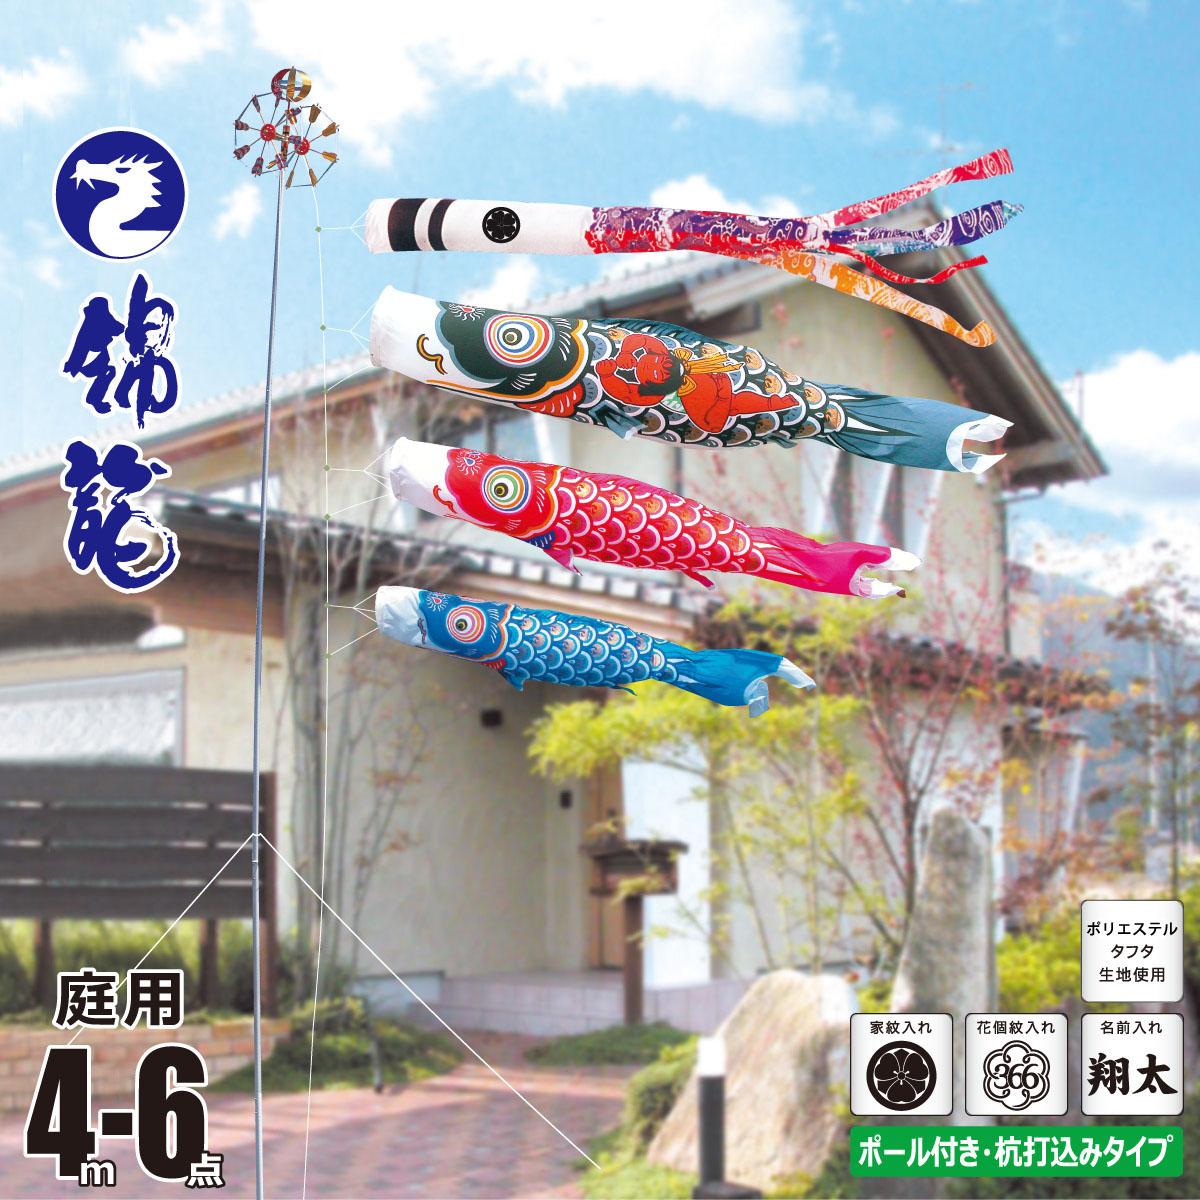 こいのぼり 4m 錦龍 6点 (矢車、ロープ、吹流し、鯉3匹) 庭園用 ガーデンセット (専用ポール一式) 徳永鯉のぼり KIT-112-350